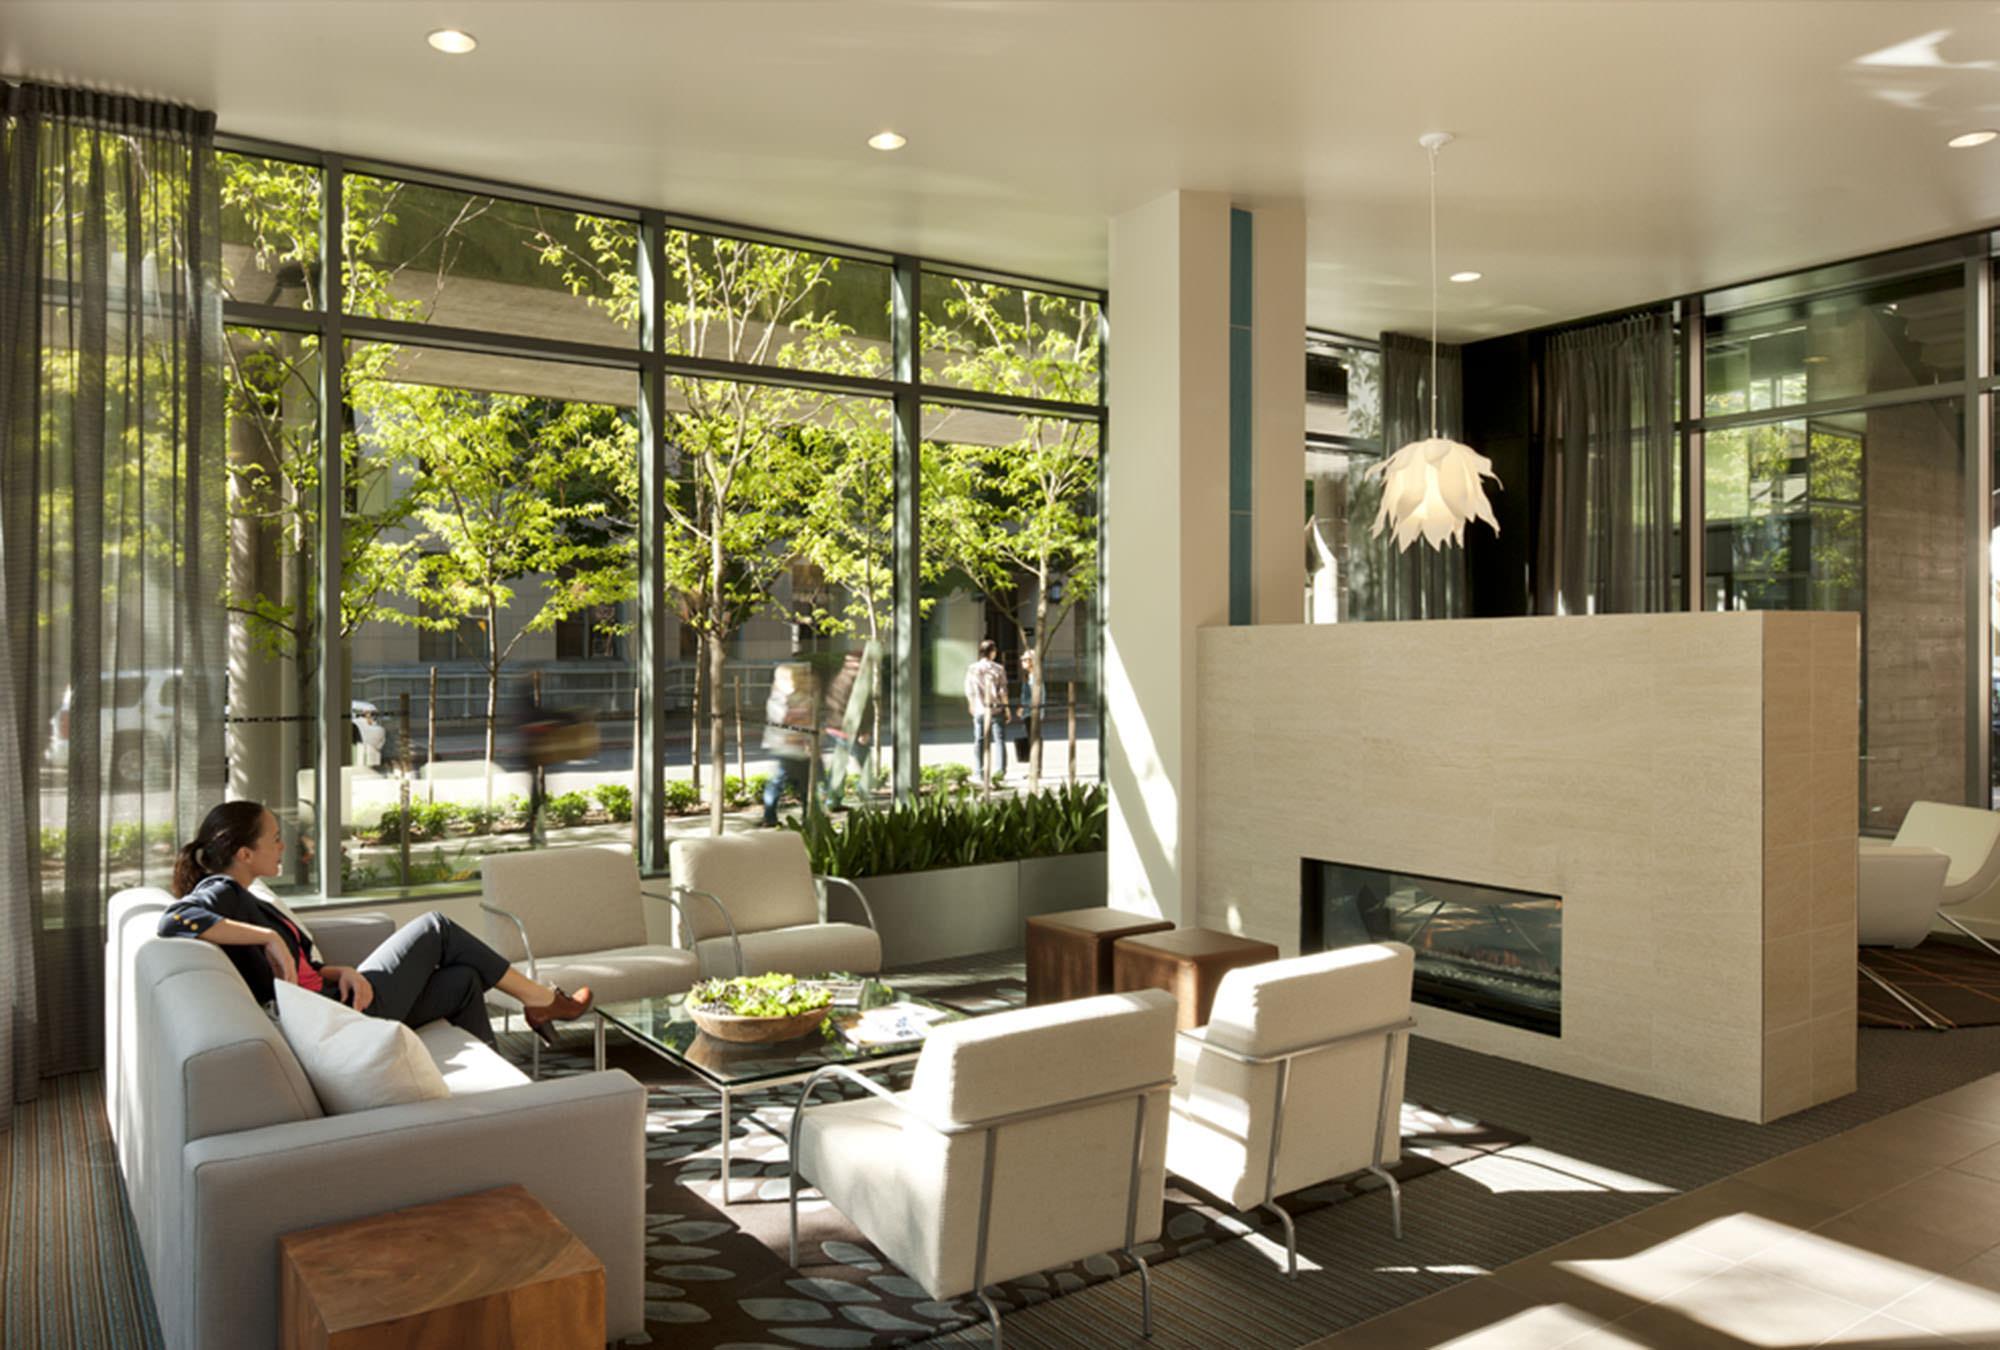 The Post Interior Design